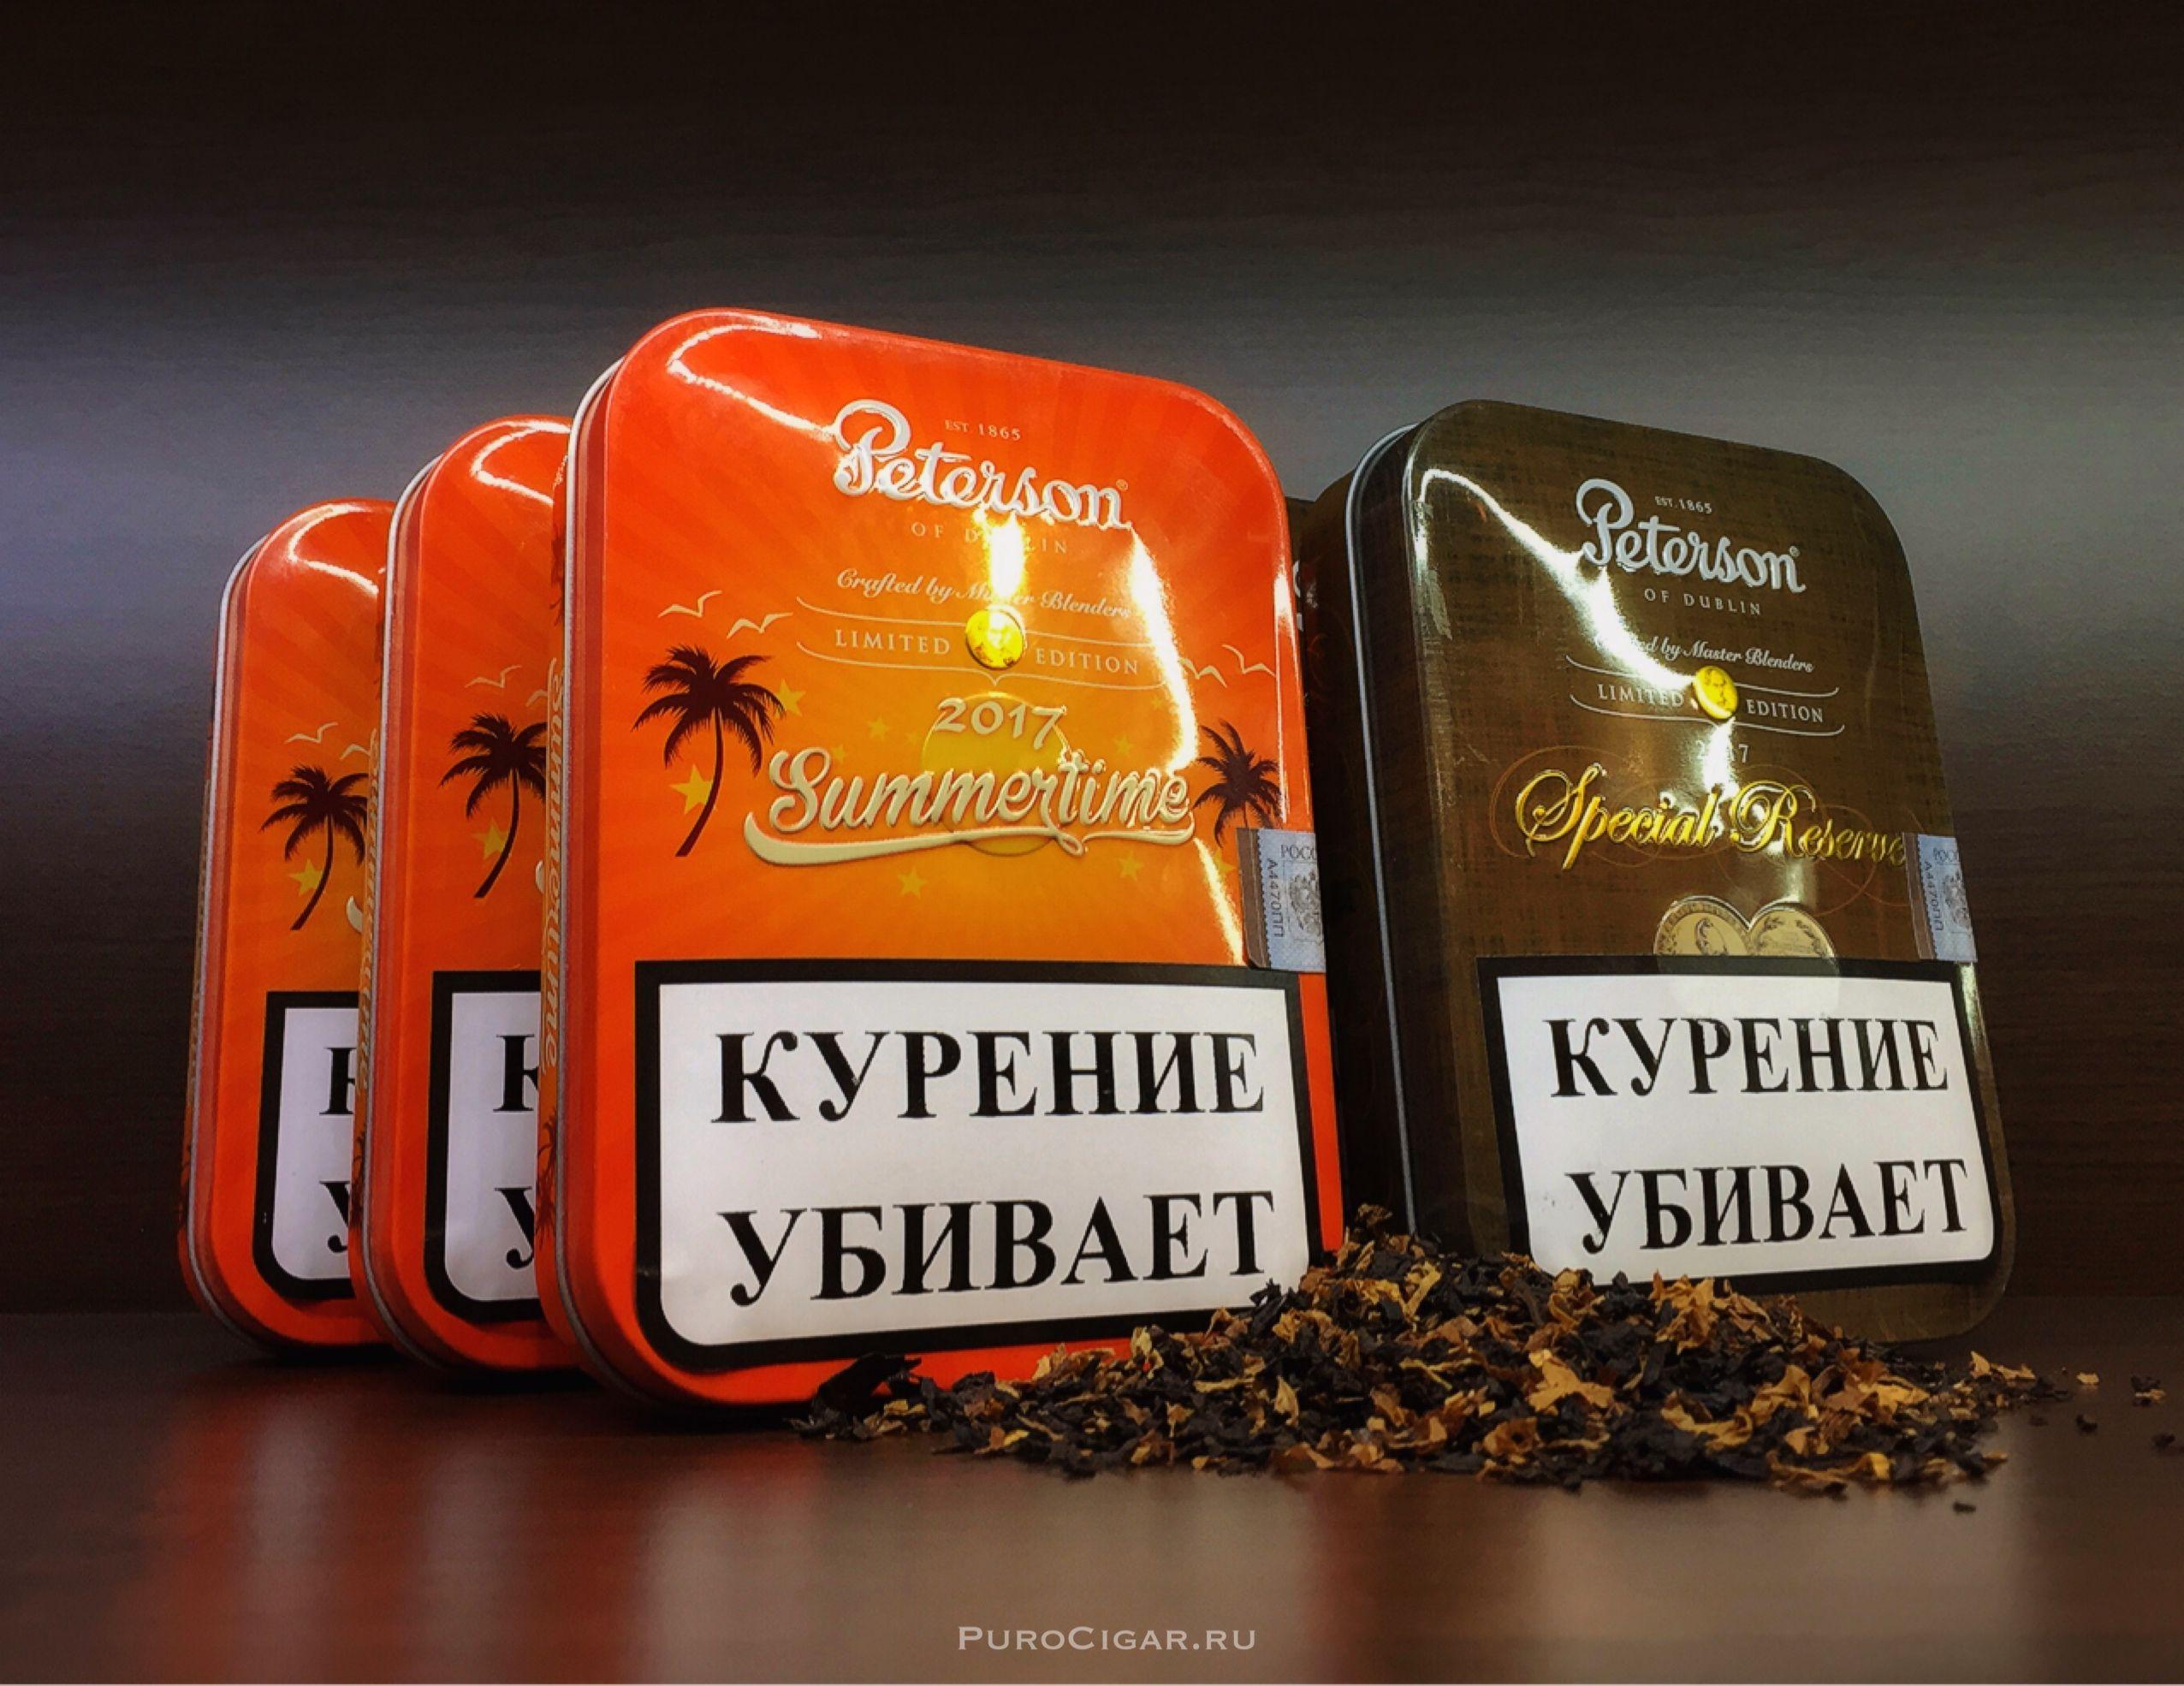 онлайн магазин табачных изделий с доставкой по россии